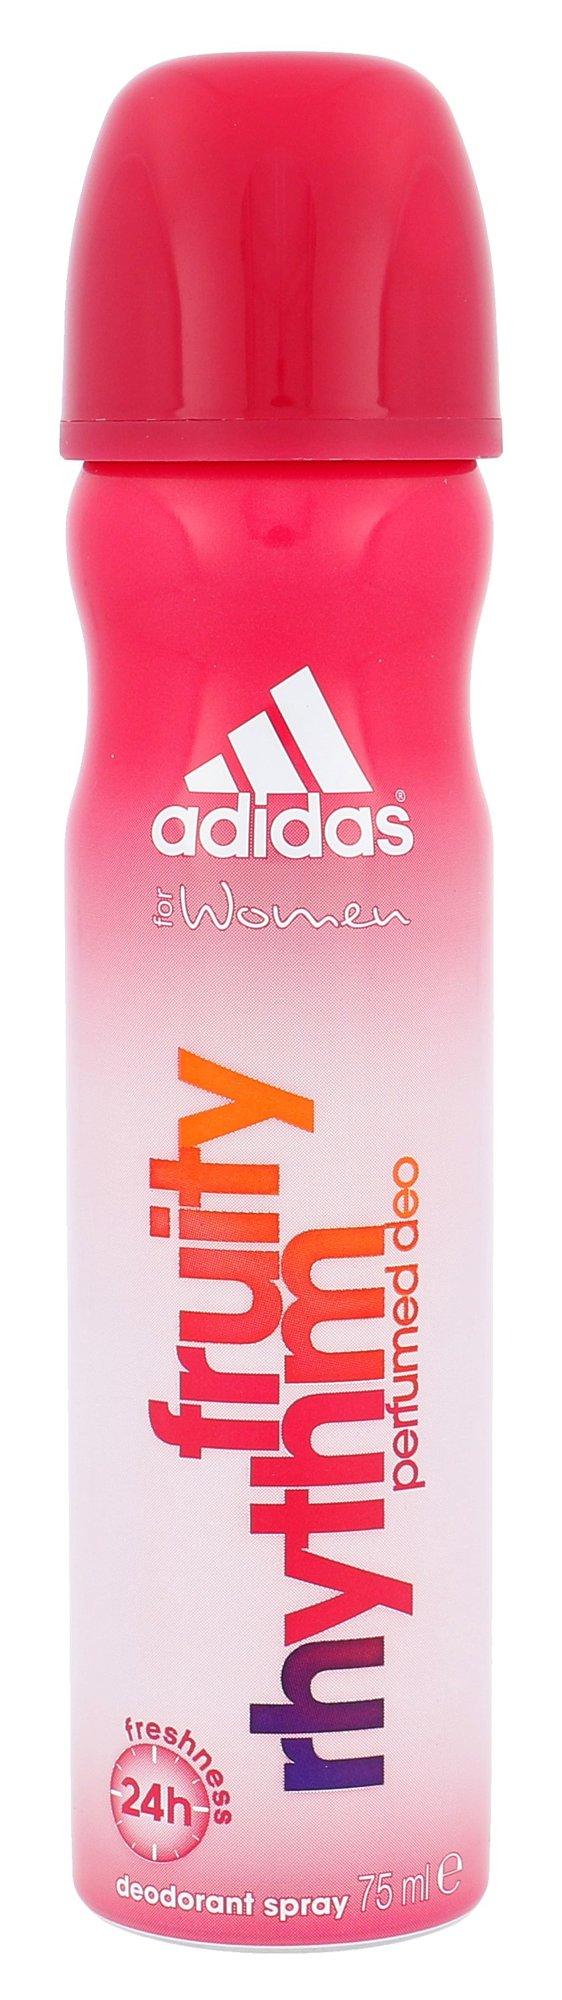 Adidas Fruity Rhythm For Women Deodorant 75ml